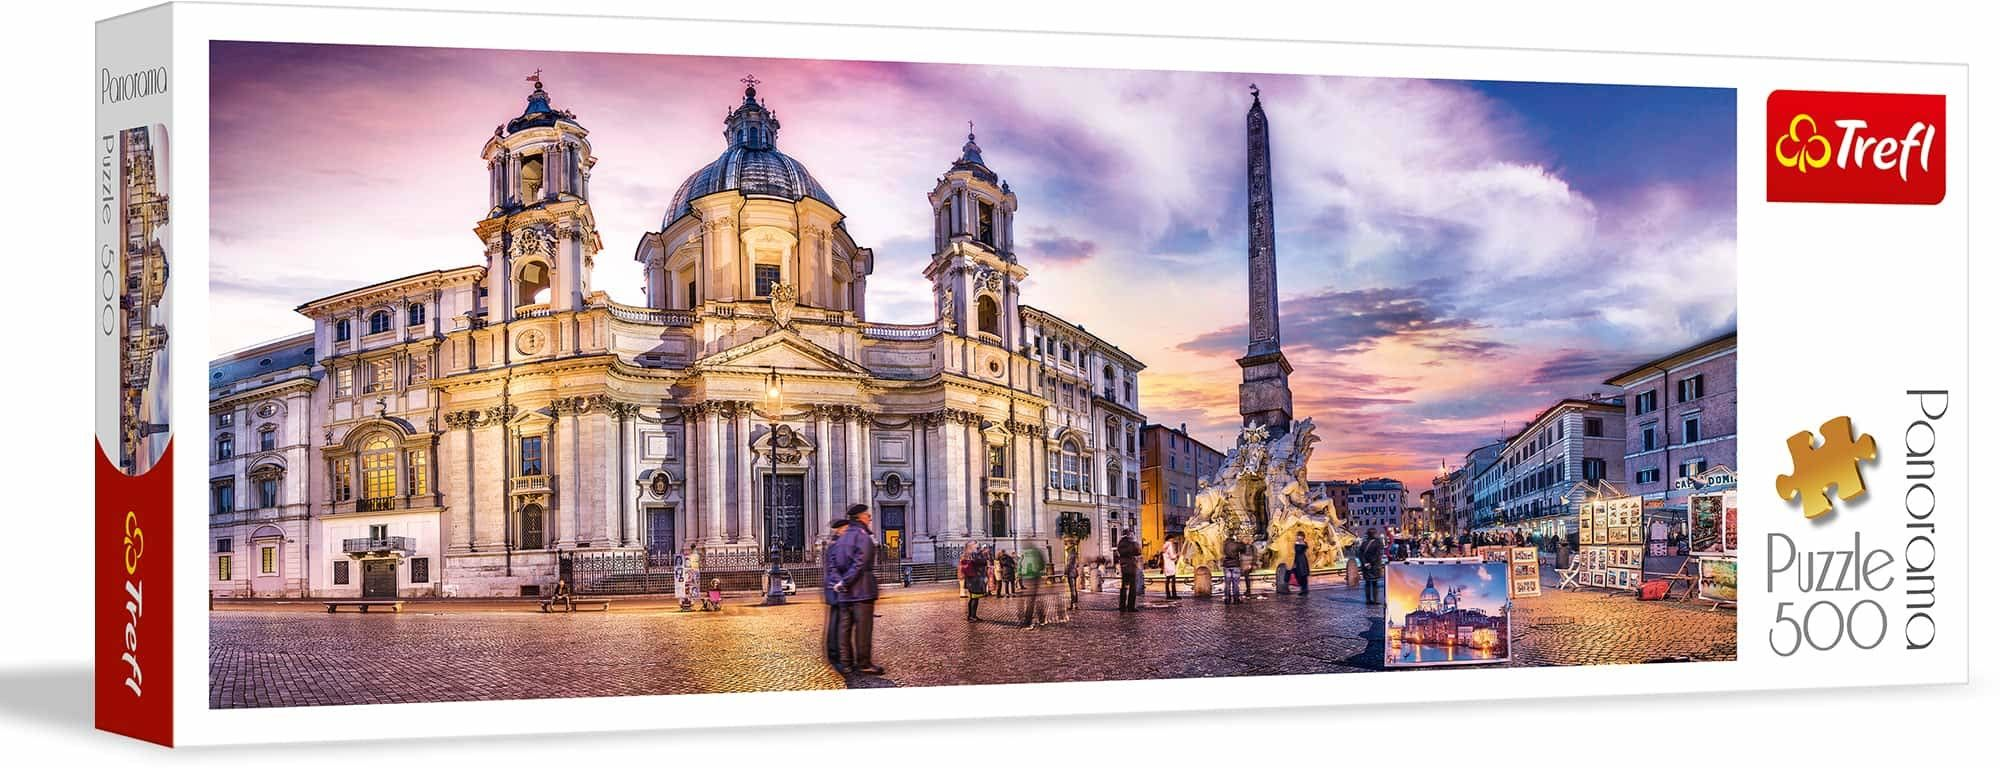 Trefl Piazza Navona, Rzym Puzzle Panoramiczne 500 Elementów o Wysokiej Jakości Nadruku, od 10 lat